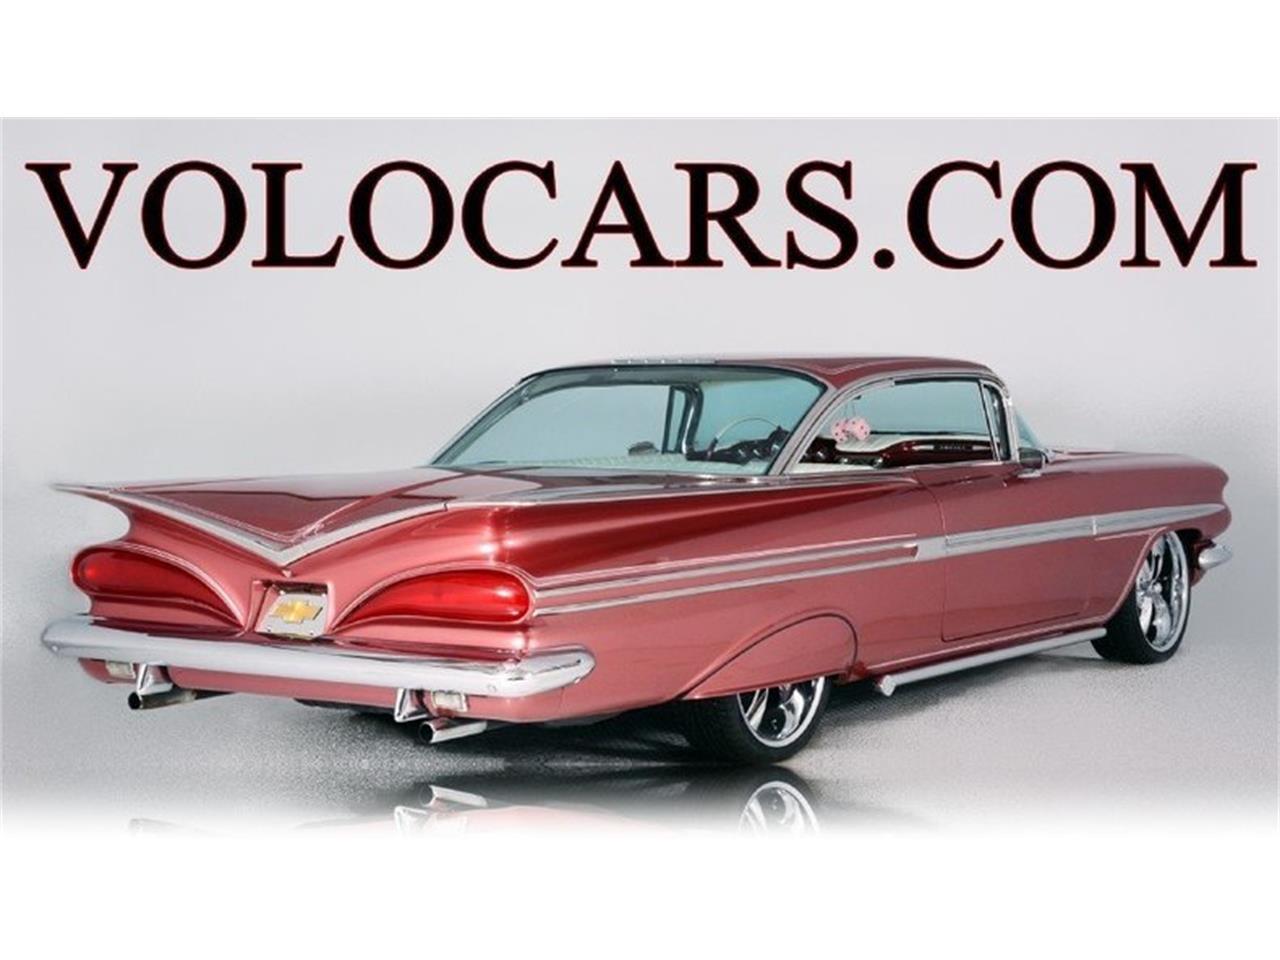 913762 1959 chevrolet impala std